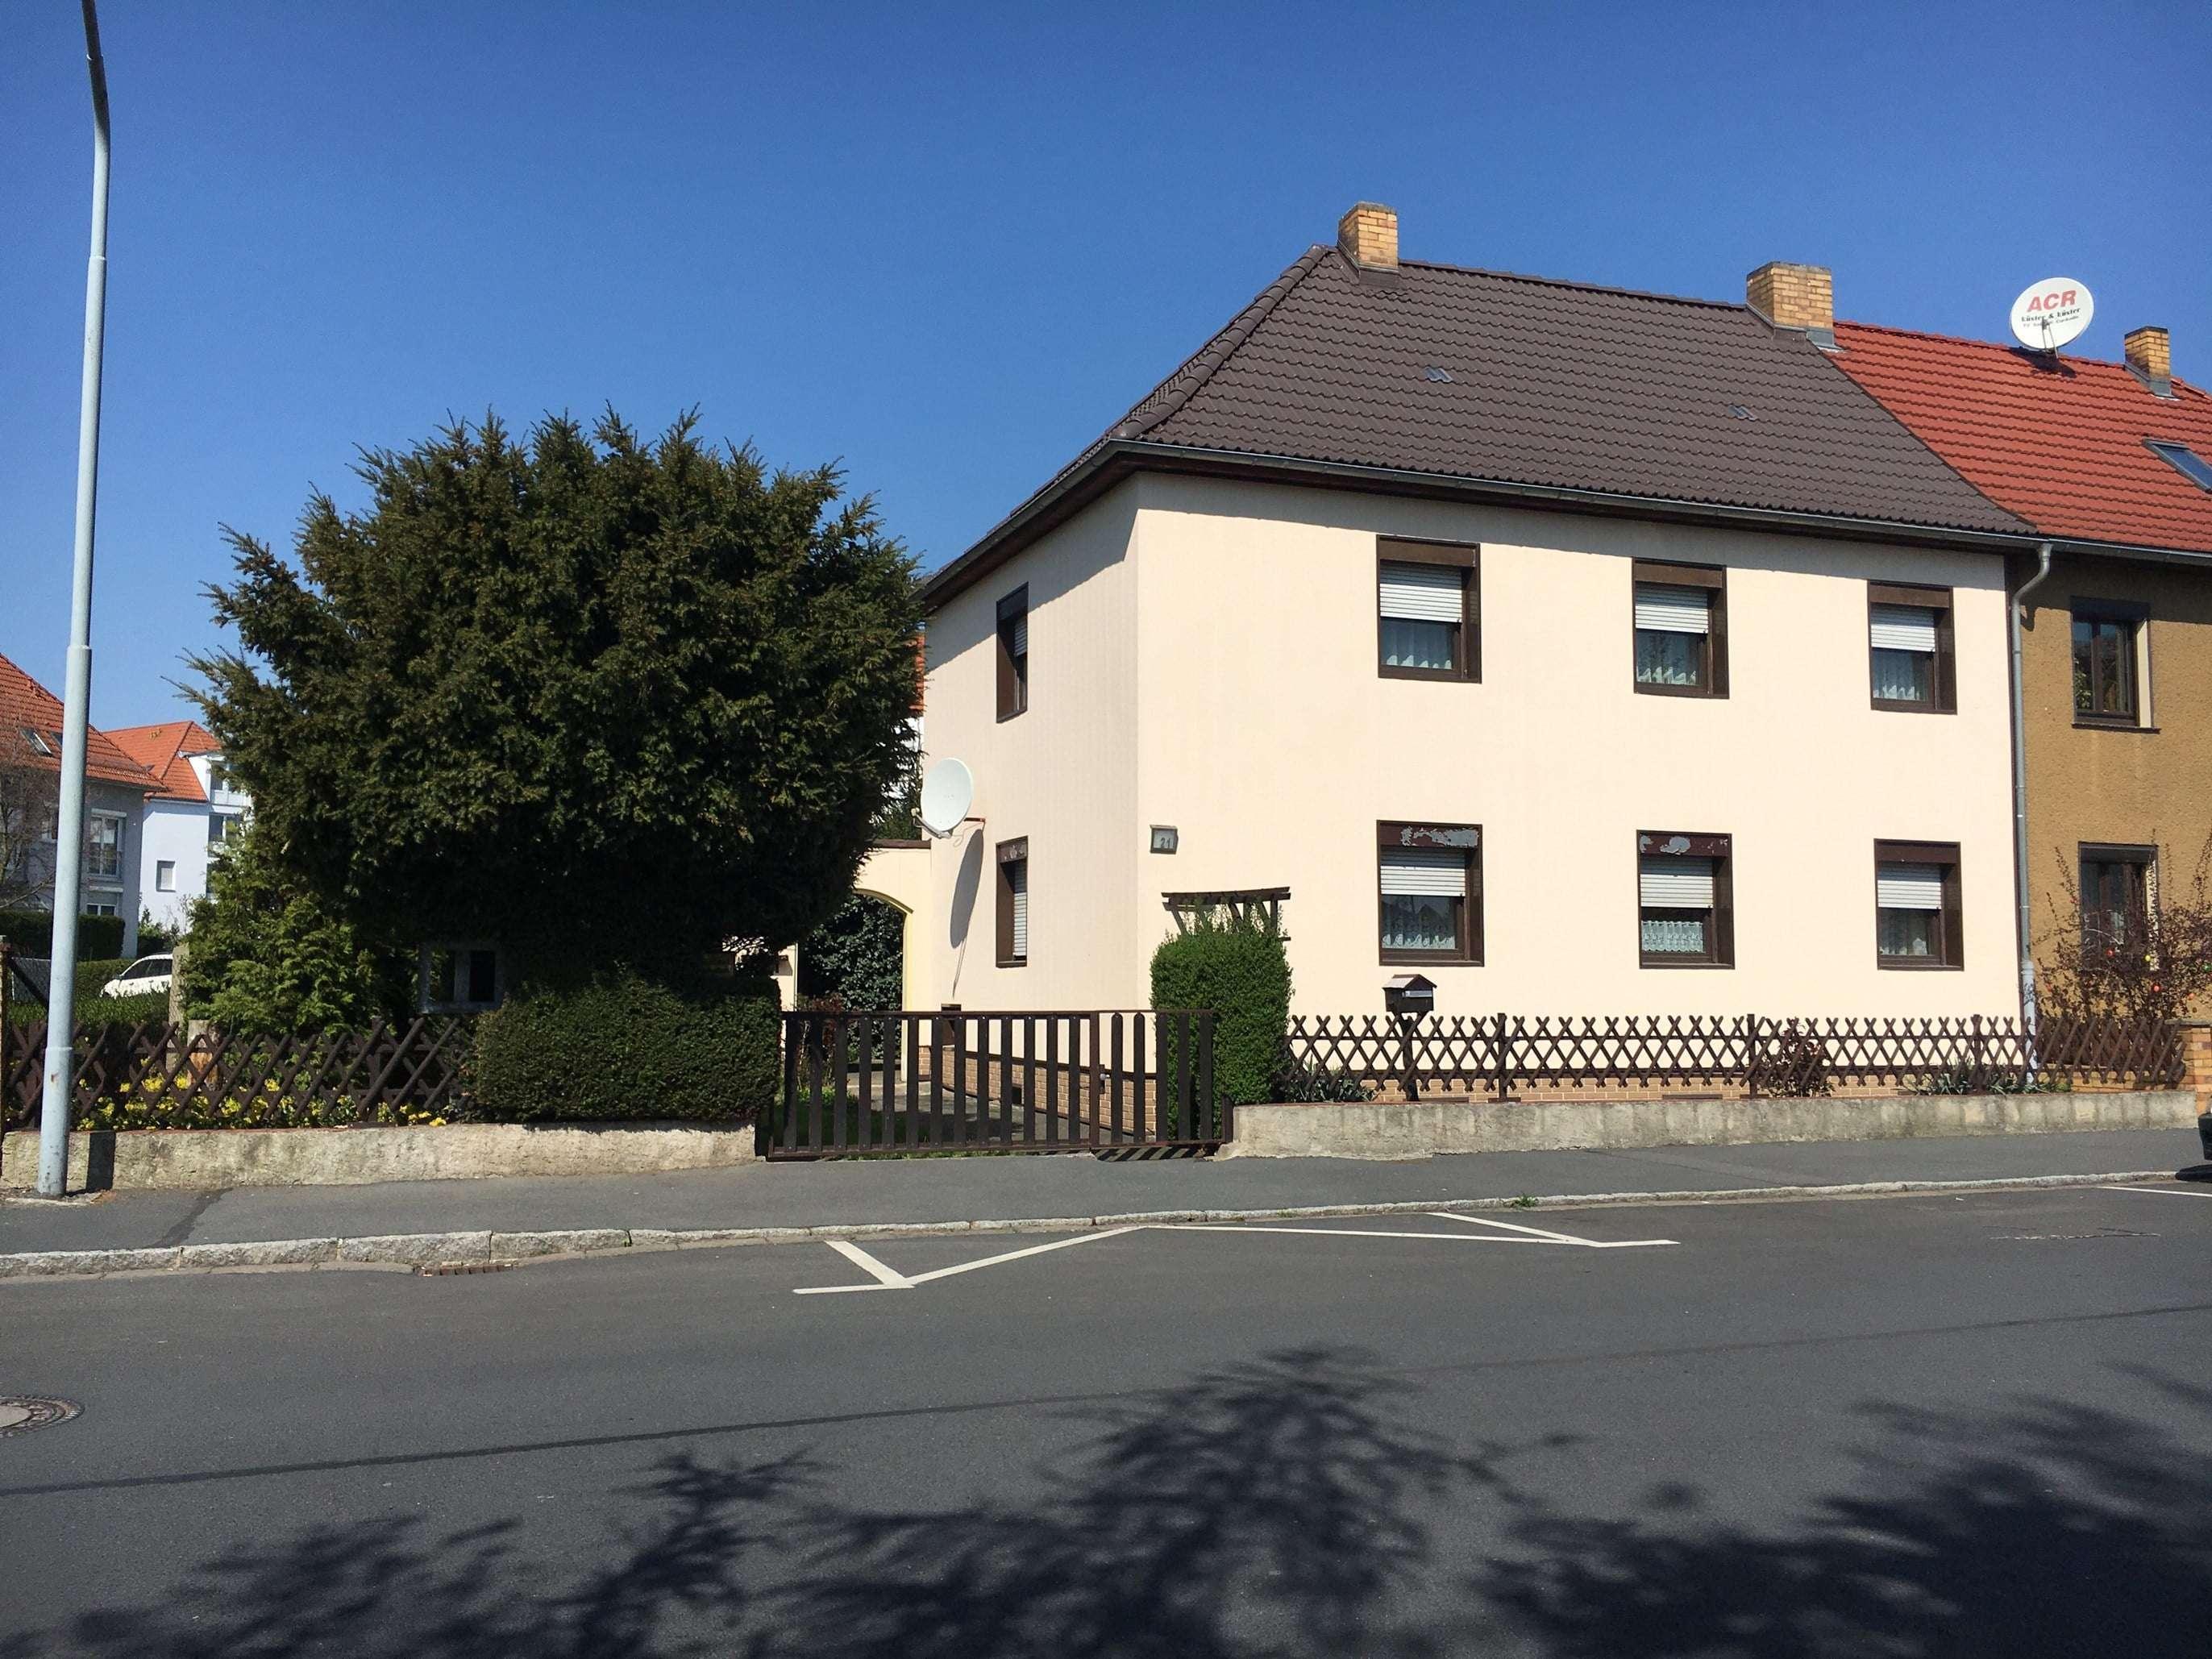 DHH mit viel Potential - ideal für eine junge Familie - Haus zum Kauf in Großenhain